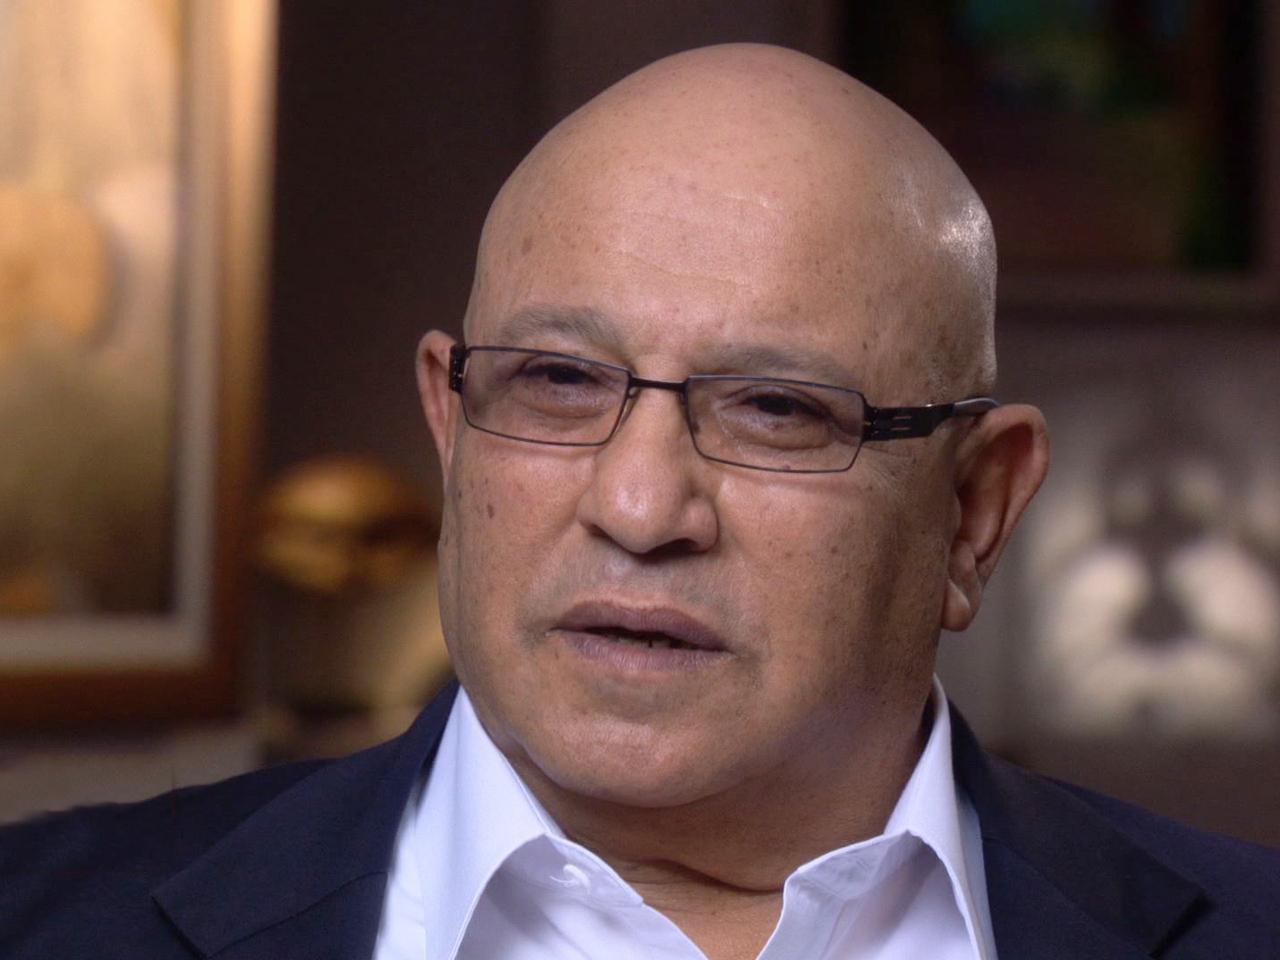 Ex-Mossad chief Meir Dagan silenced by cancer - CBS News